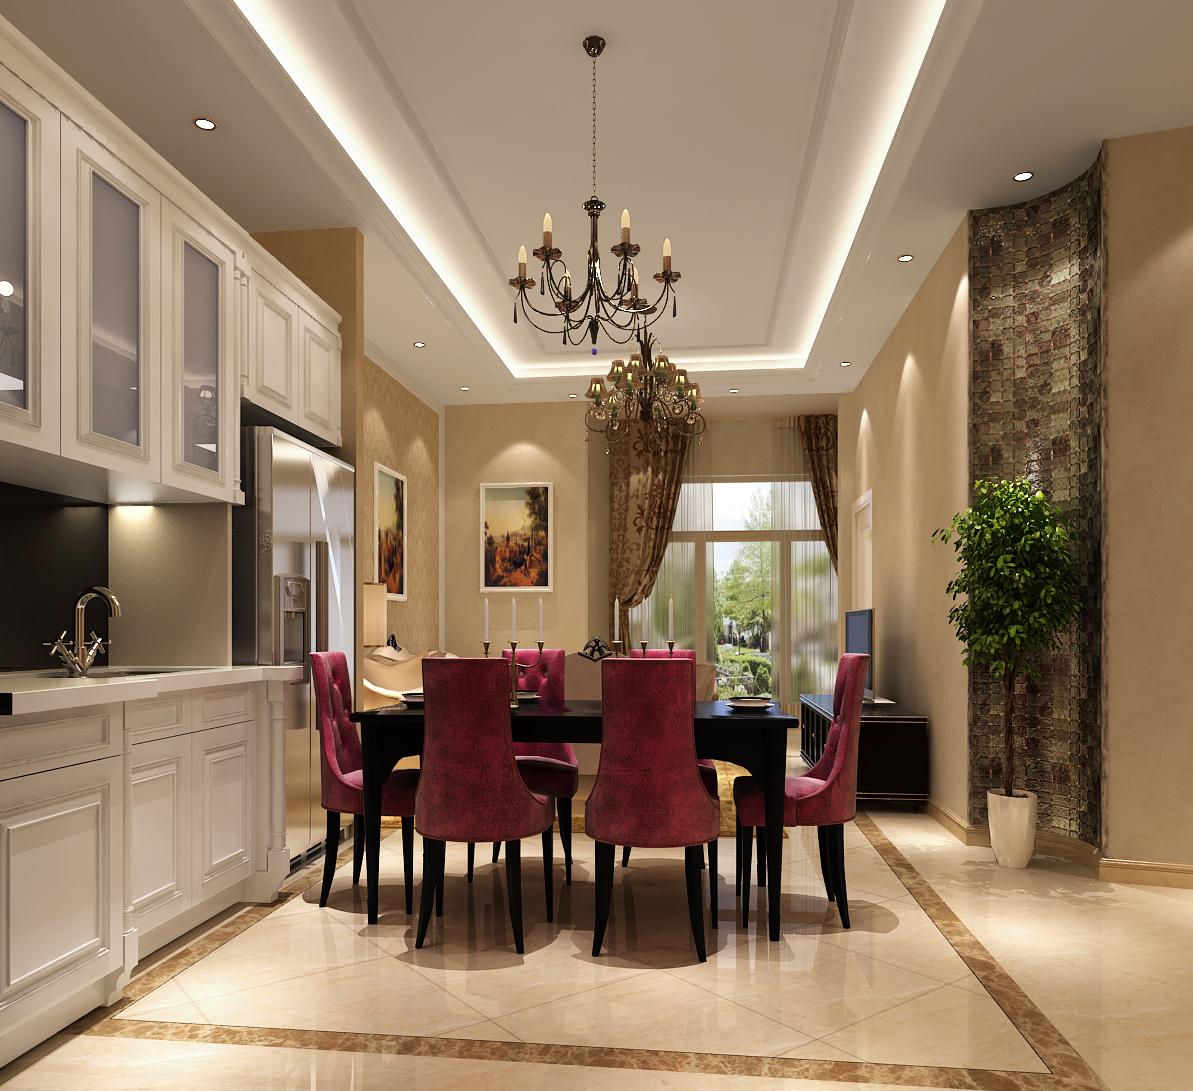 简约 欧式 三居 白领 80后 红杉世家 高度国际 秦大涛 婚房 餐厅图片来自北京高度国际装饰设计在红杉世家简欧温润公寓的分享